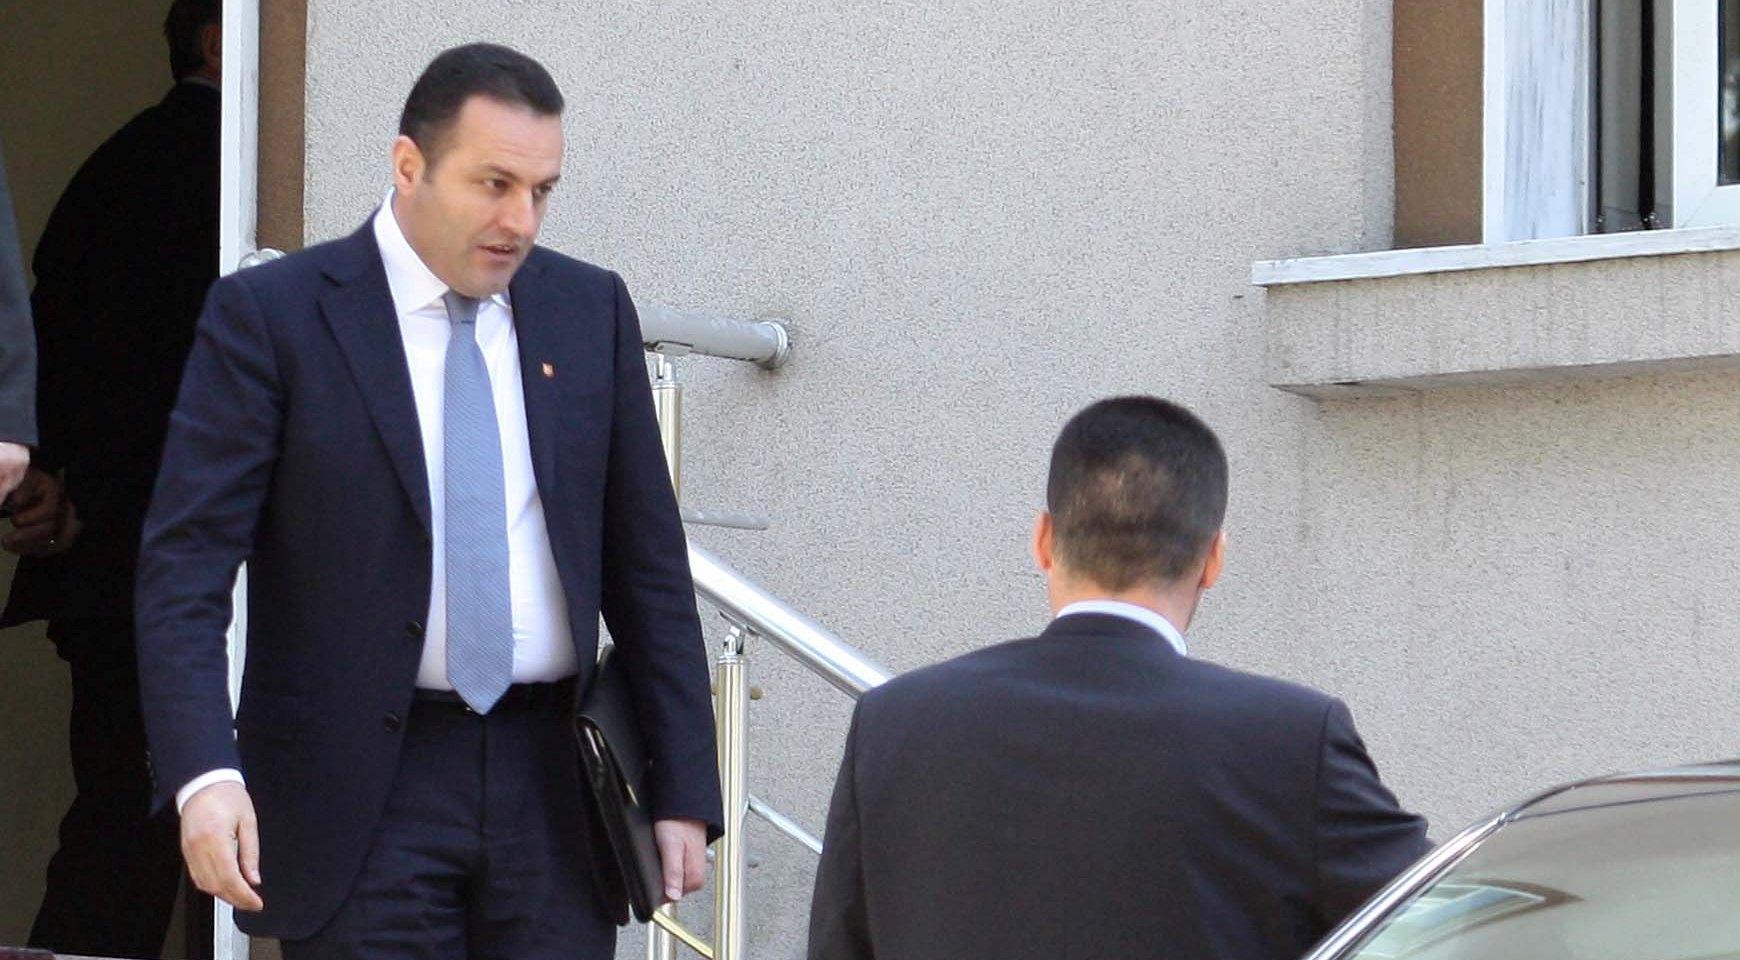 VENDIMI I APELIT/ Shpëton ish-kryeprokurori, Adriatik Llalla nuk i nënshtrohet Vetingut